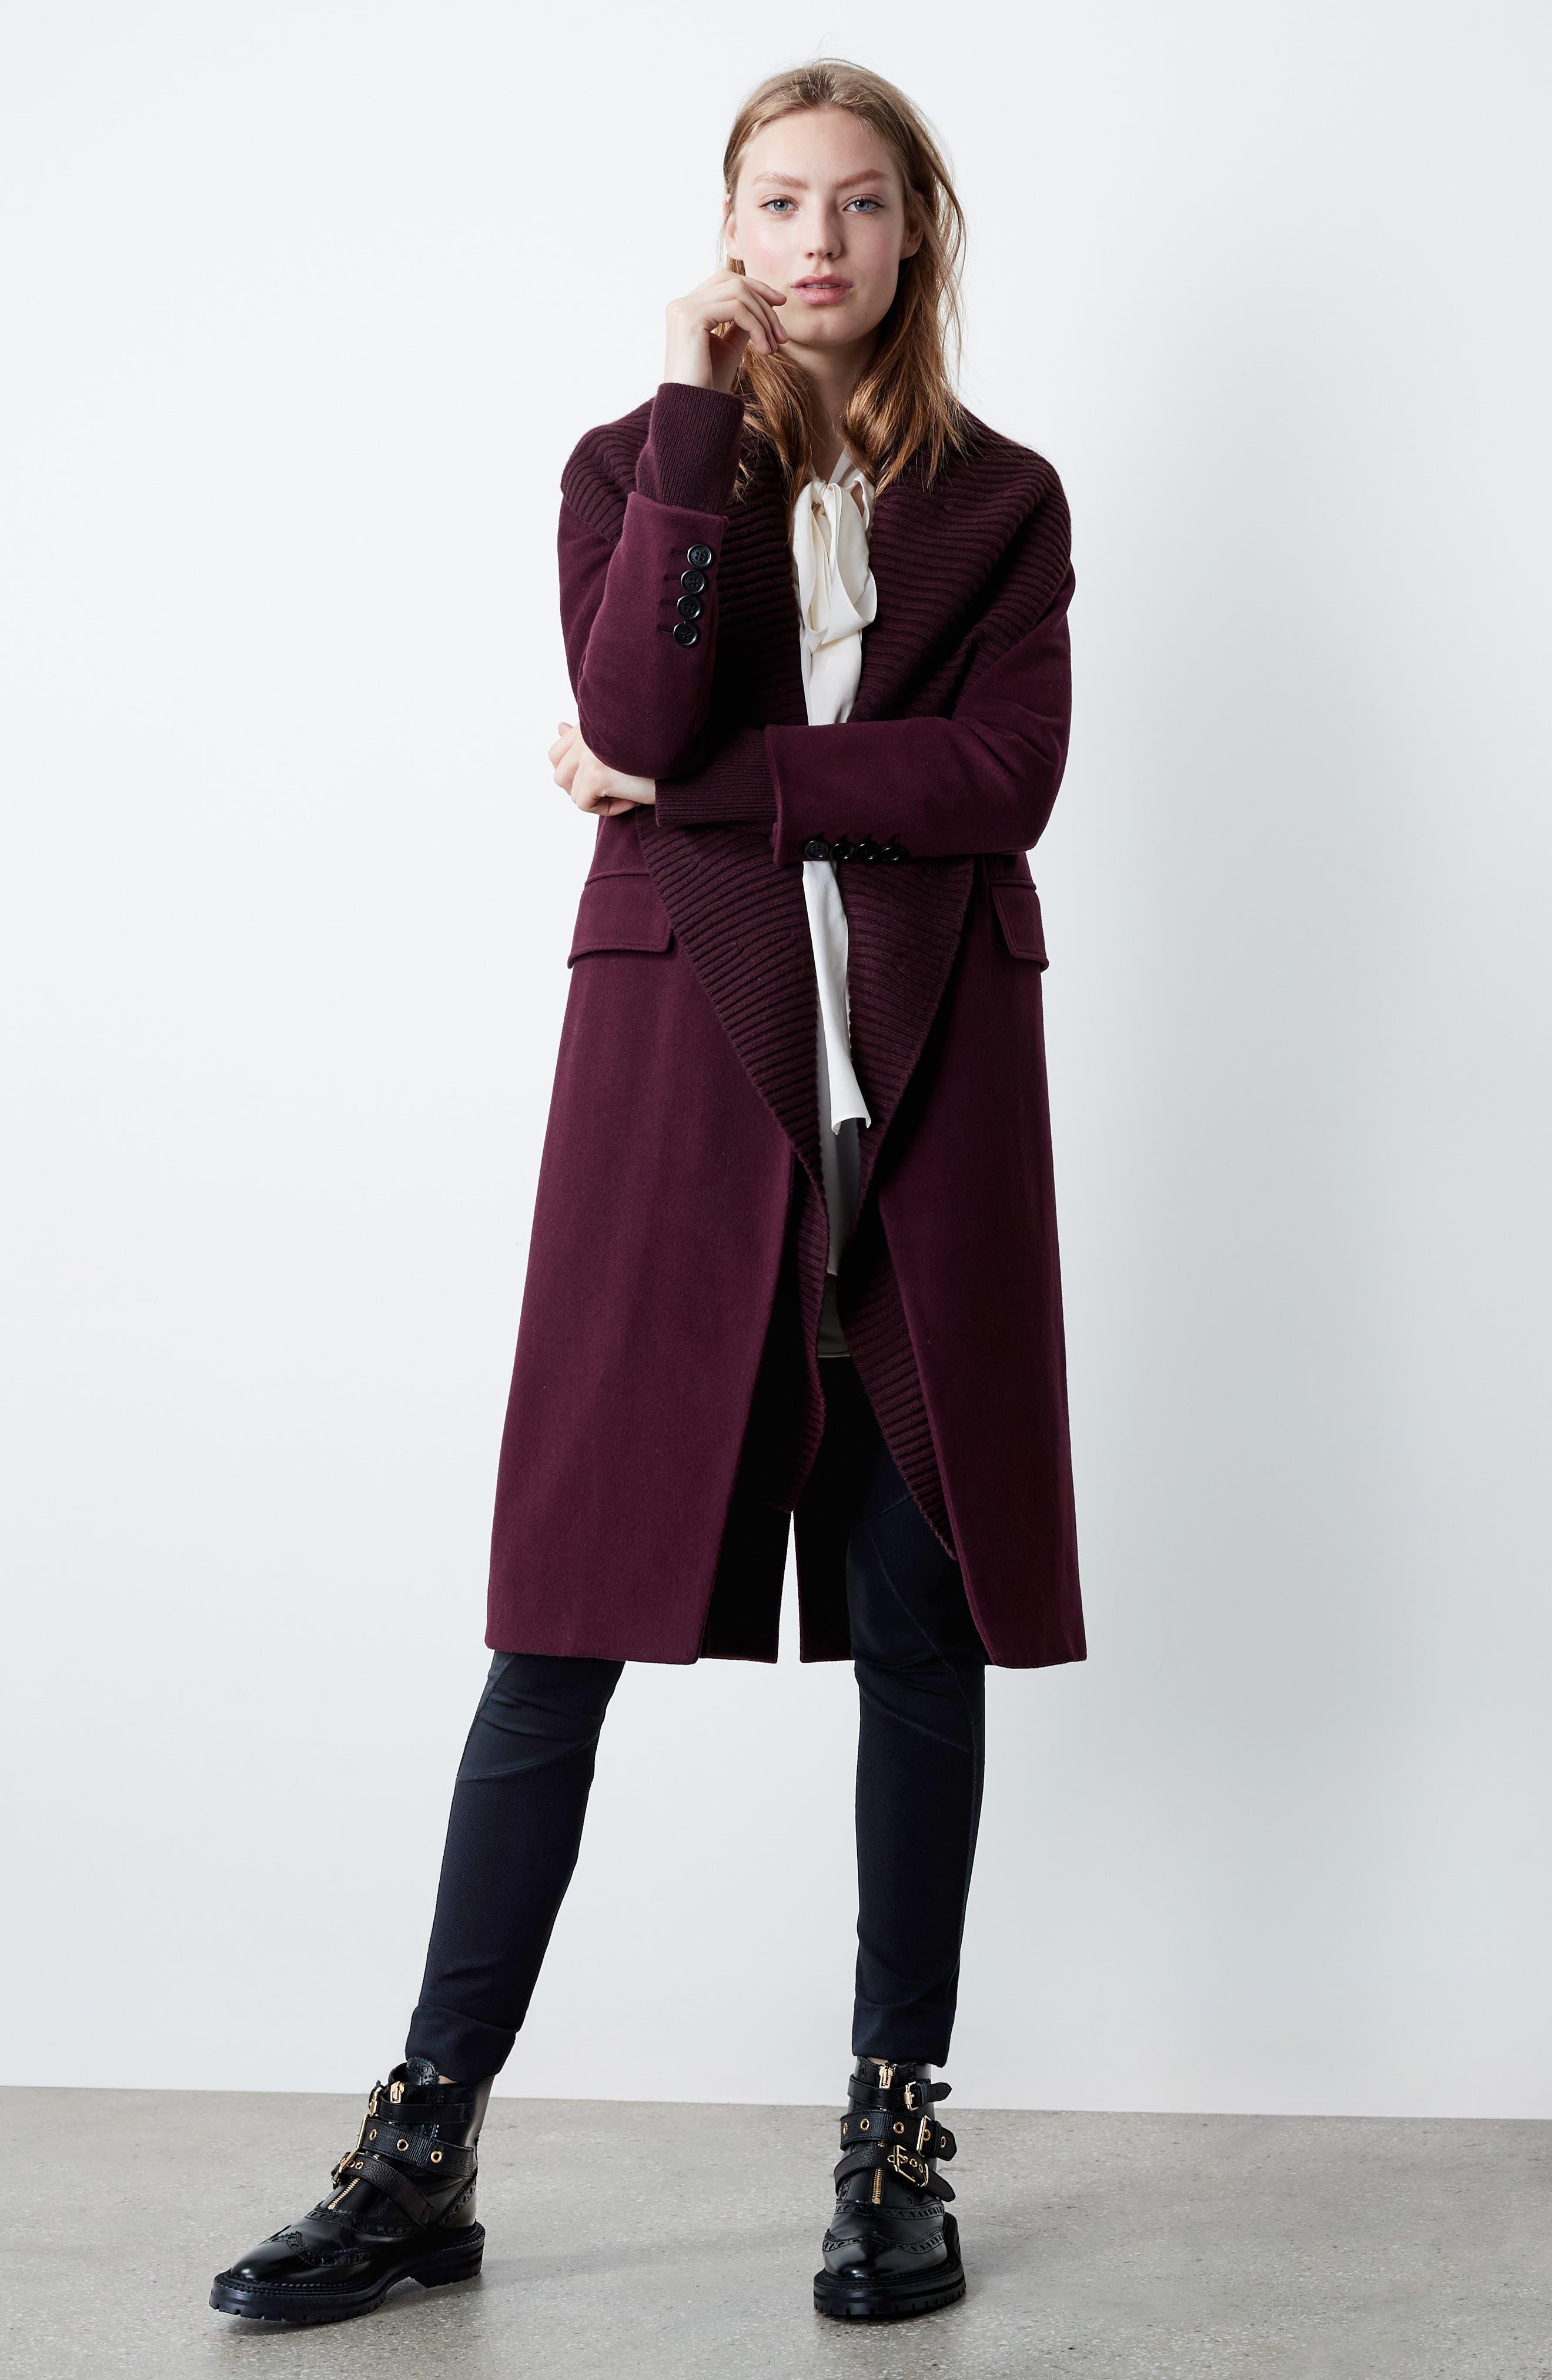 Cairndale Knit Trim Cashmere Coat,                             Alternate thumbnail 7, color,                             522